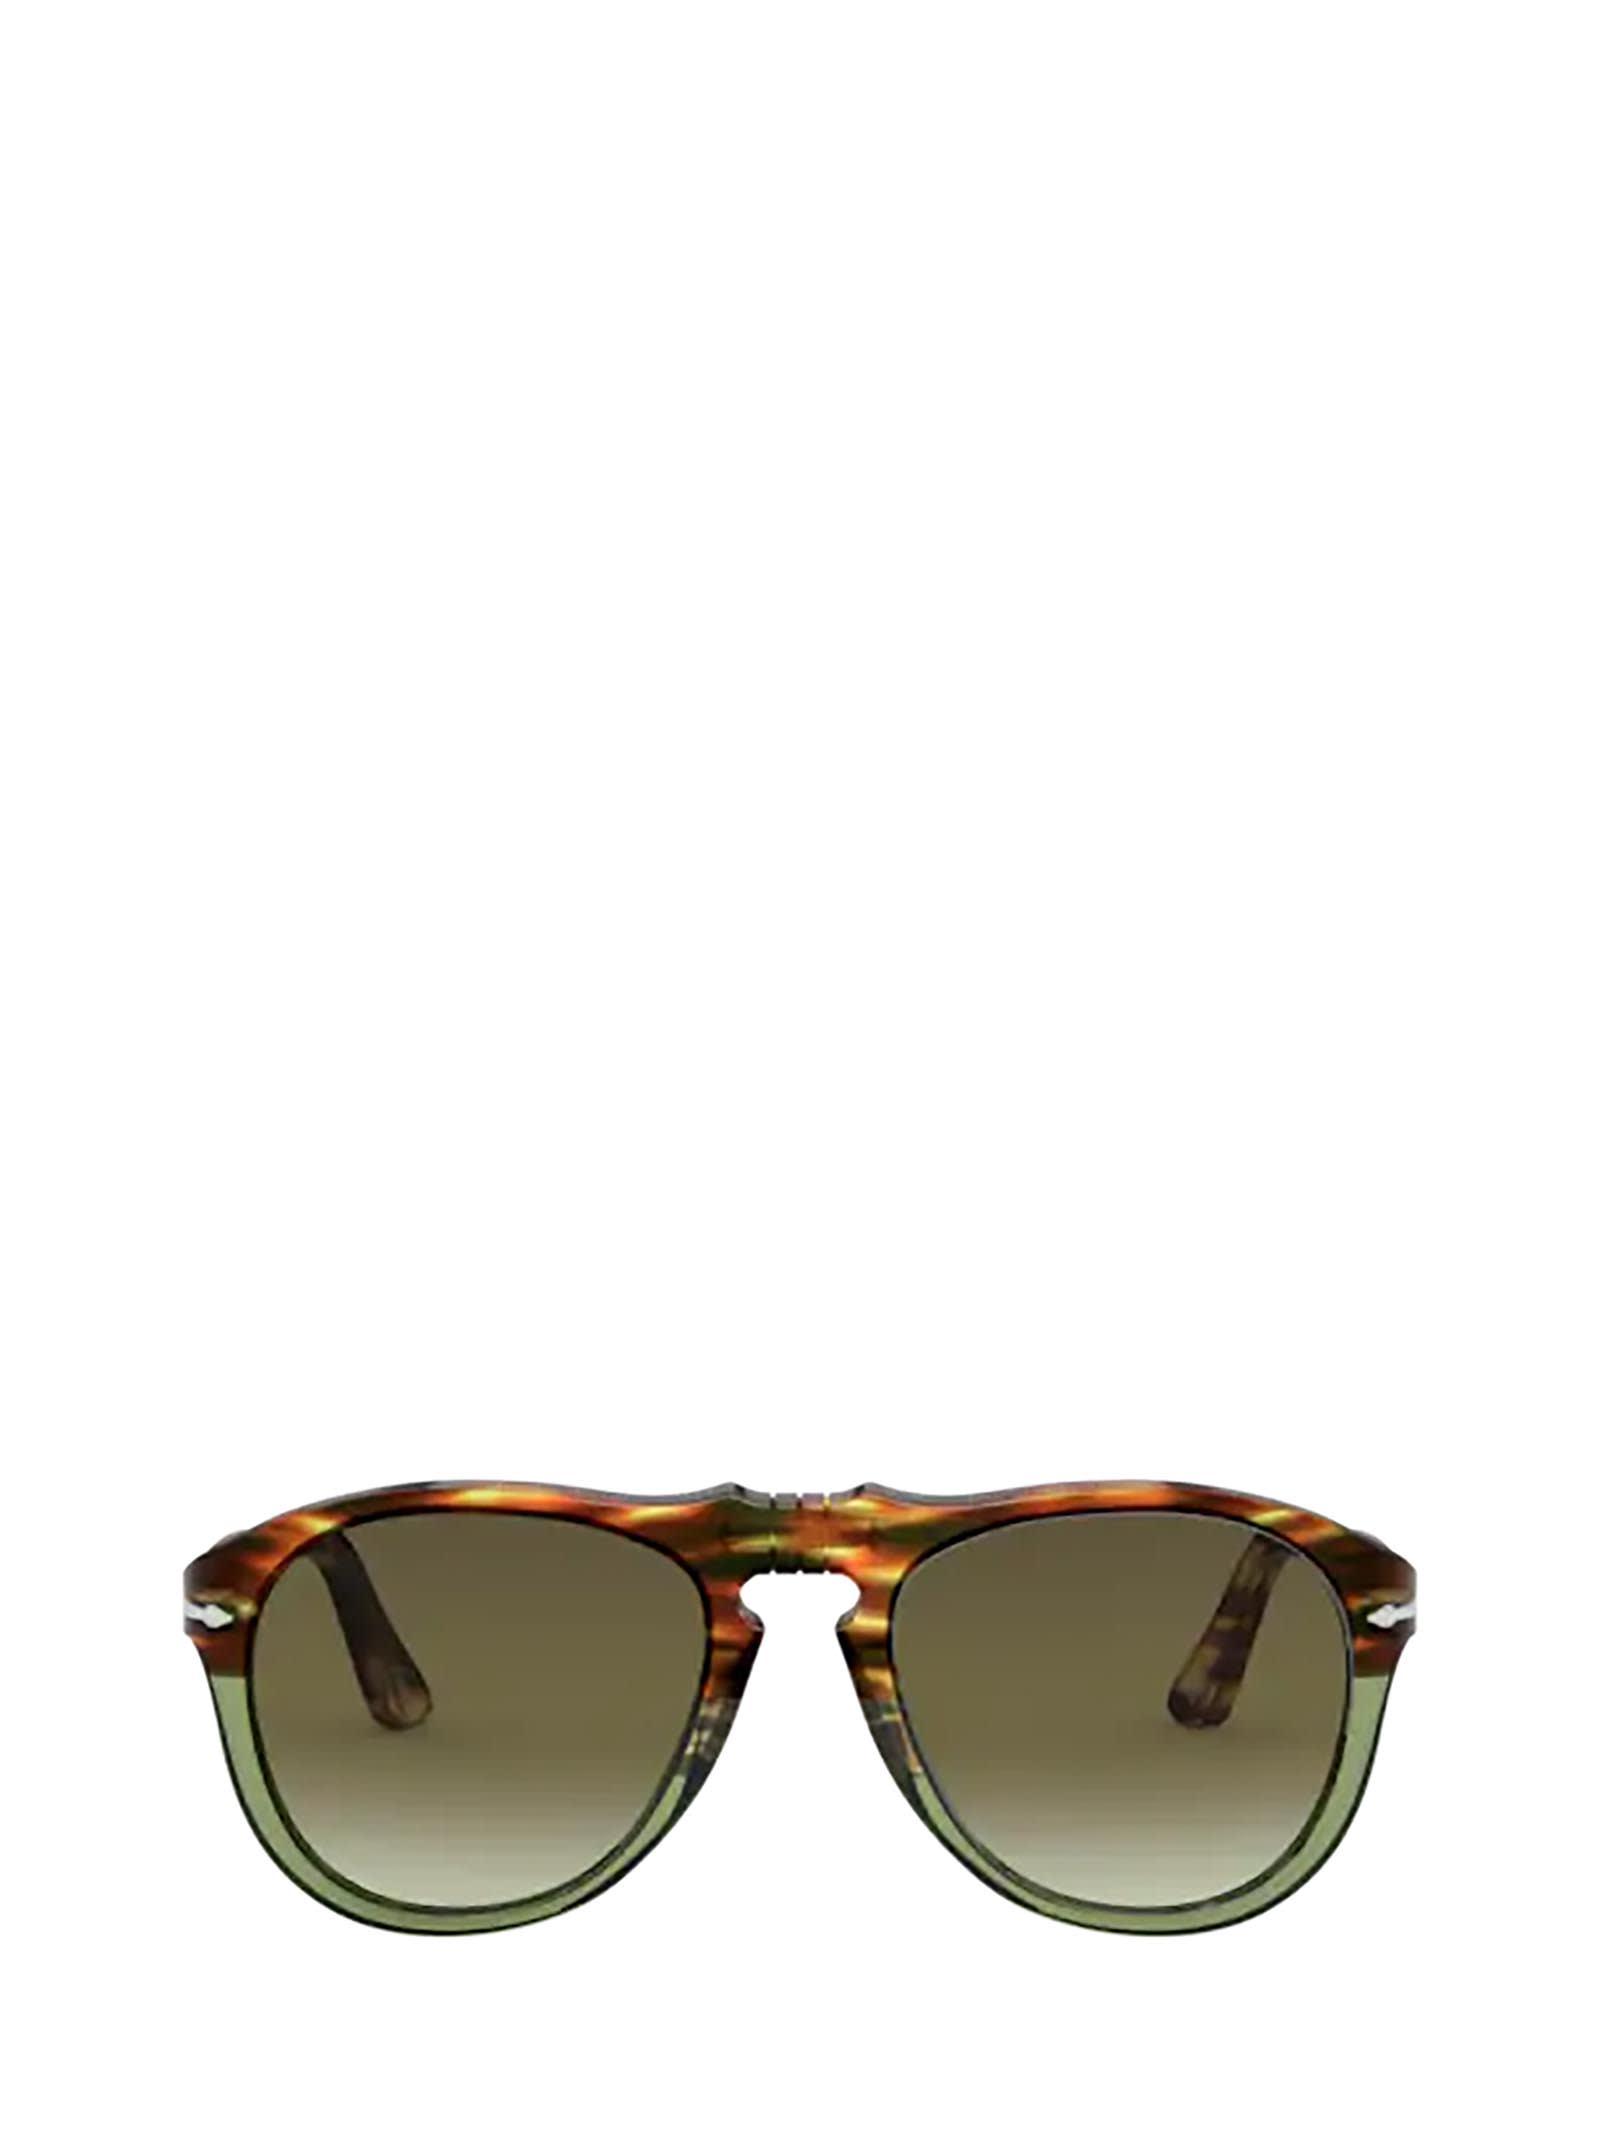 Persol Persol Po0649 Striped Brown/transp Green Sunglasses